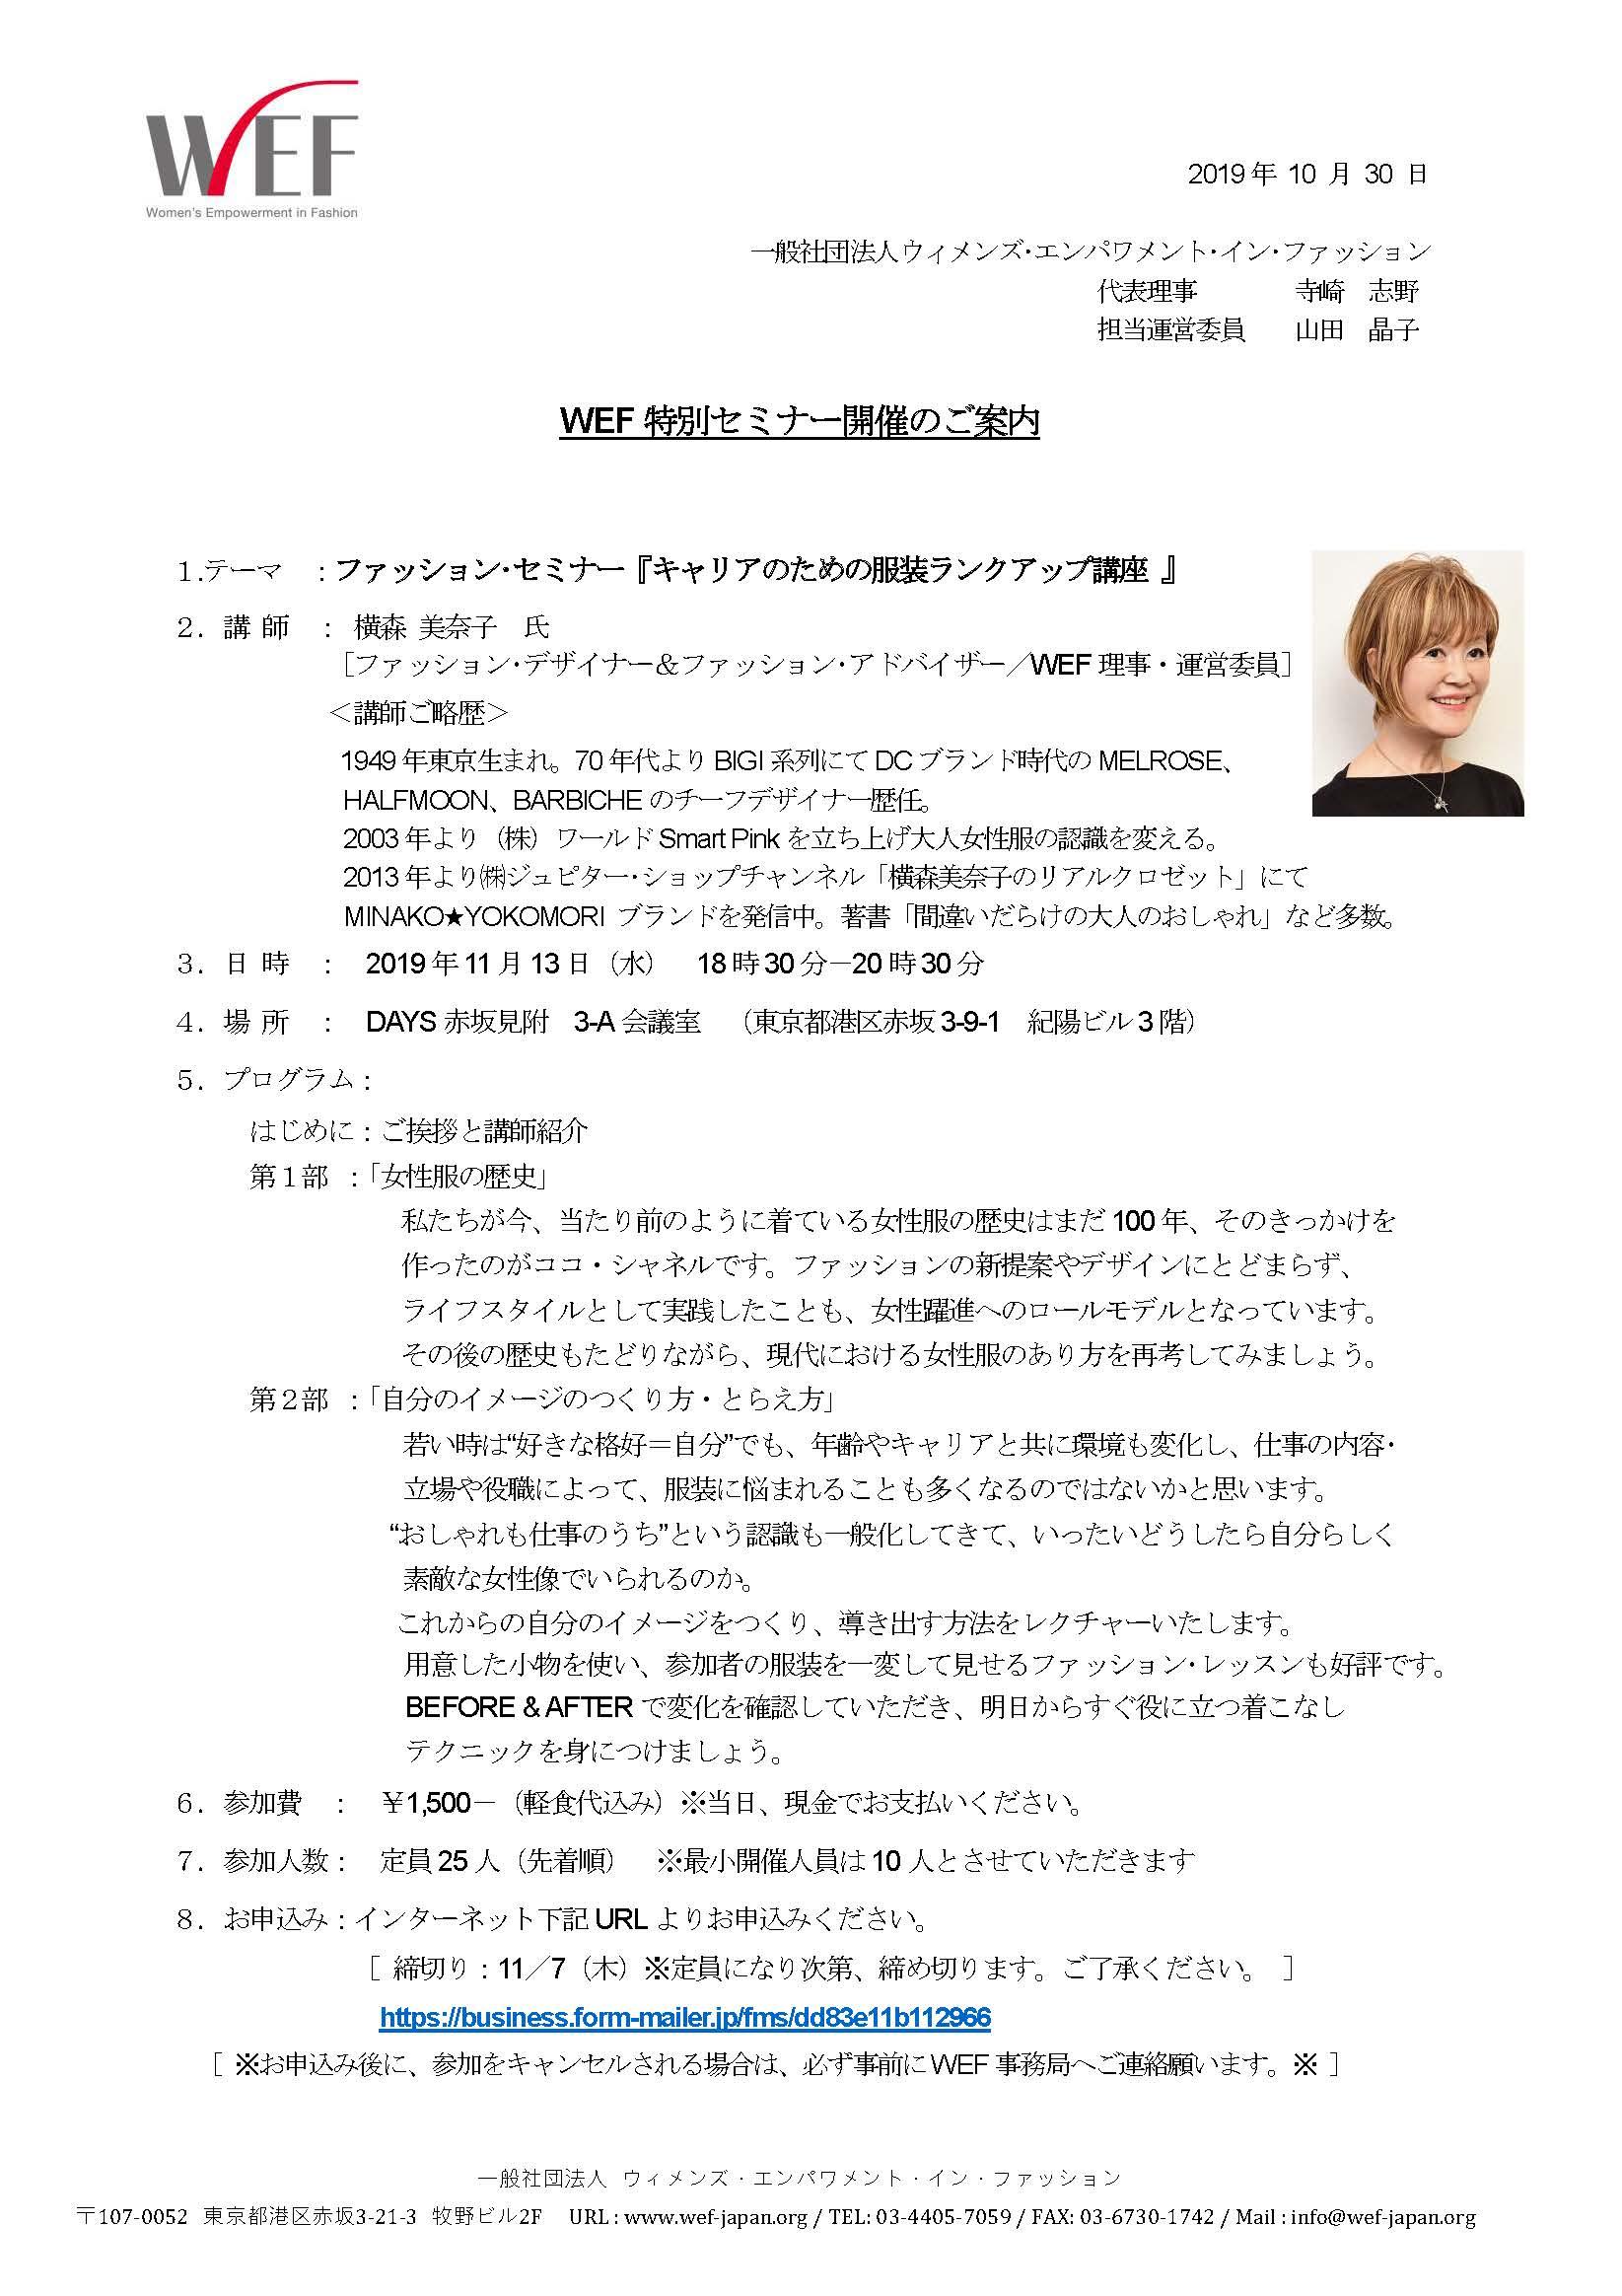 20191113ファッションセミナーご案内 (002)